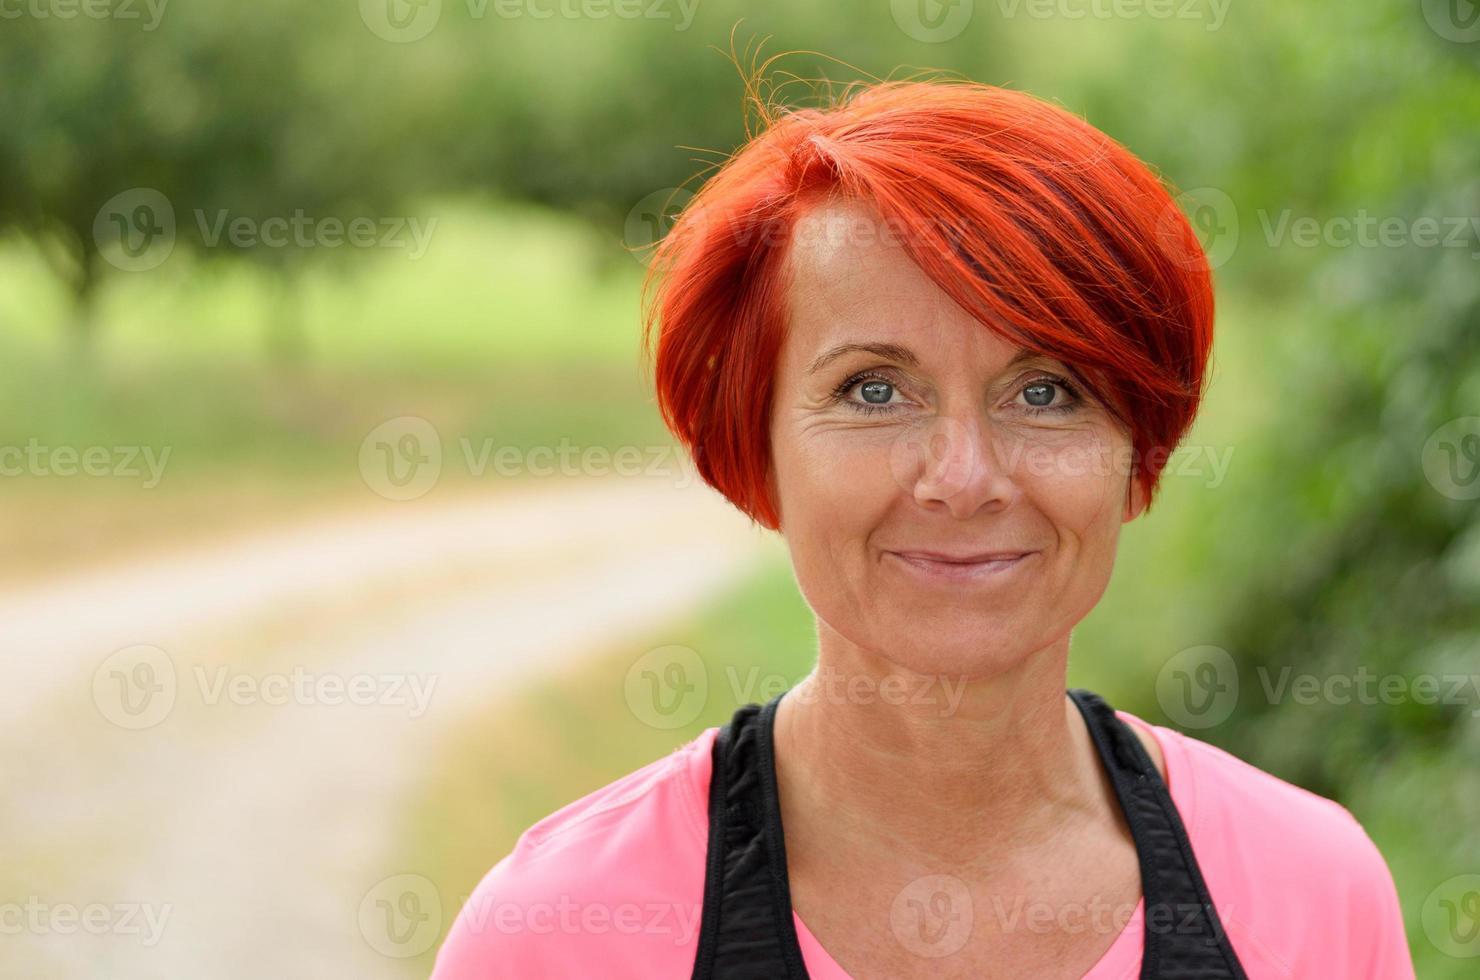 schöne glückliche Frau mittleren Alters lächelnd foto